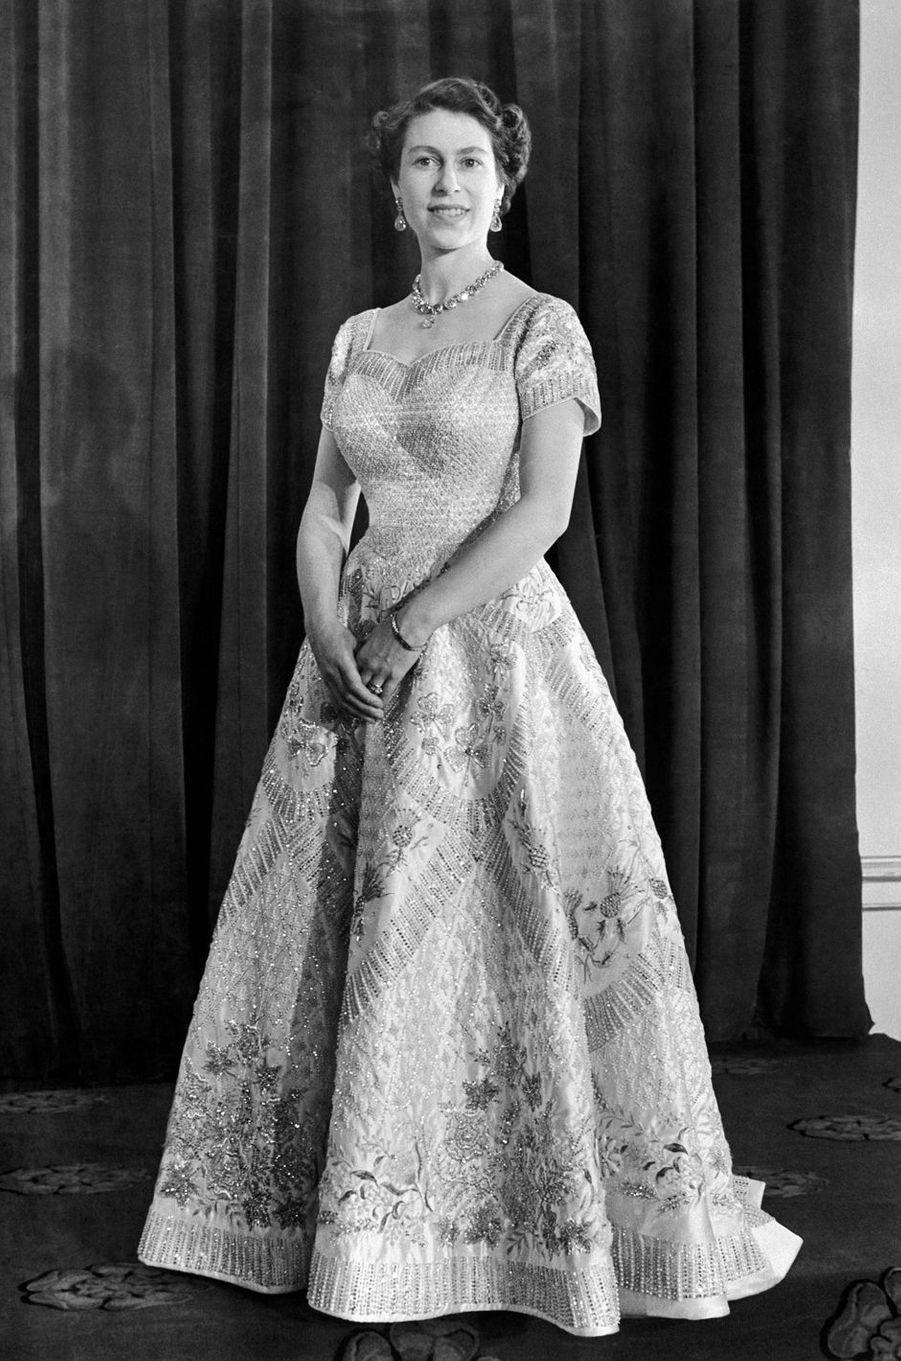 La reine Elizabeth II dans la robe de son couronnement, le 2 juin 1953